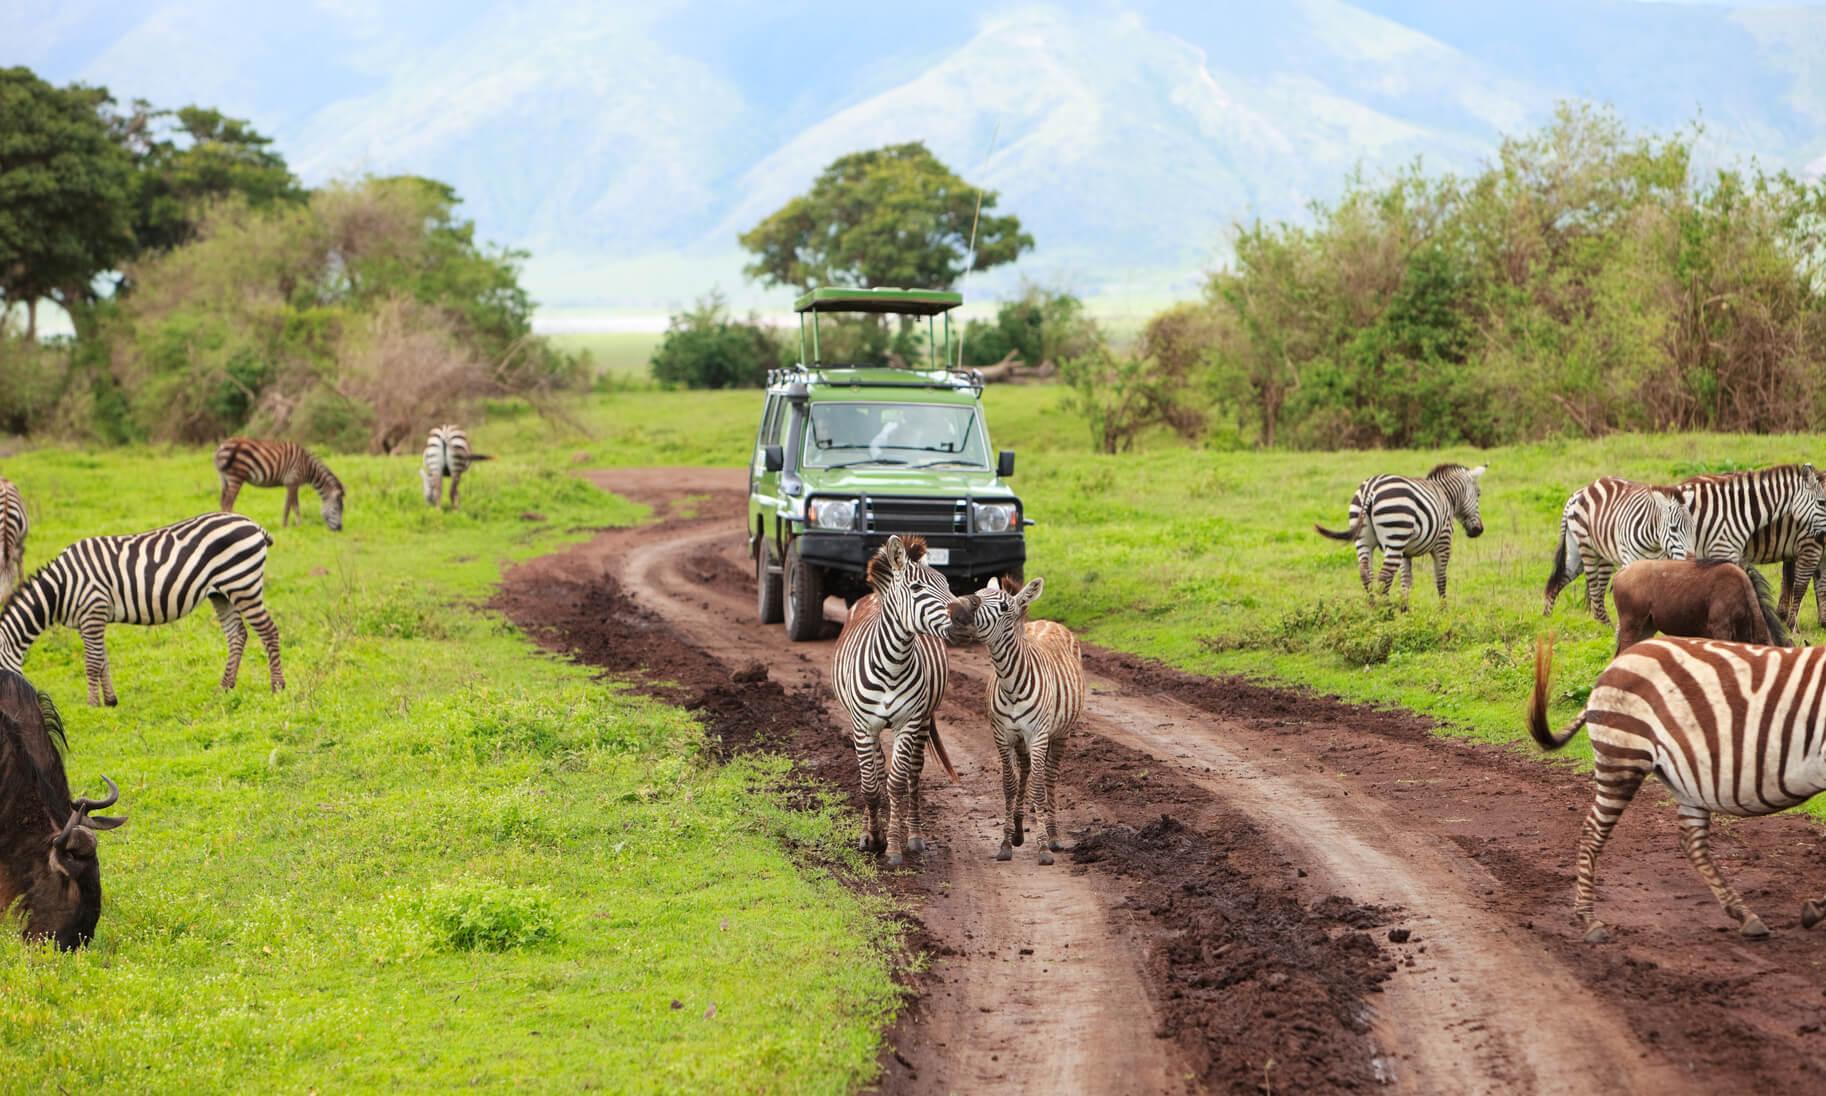 Las Vegas to Nairobi, Kenya for only $565 roundtrip (Aug-Sep dates)